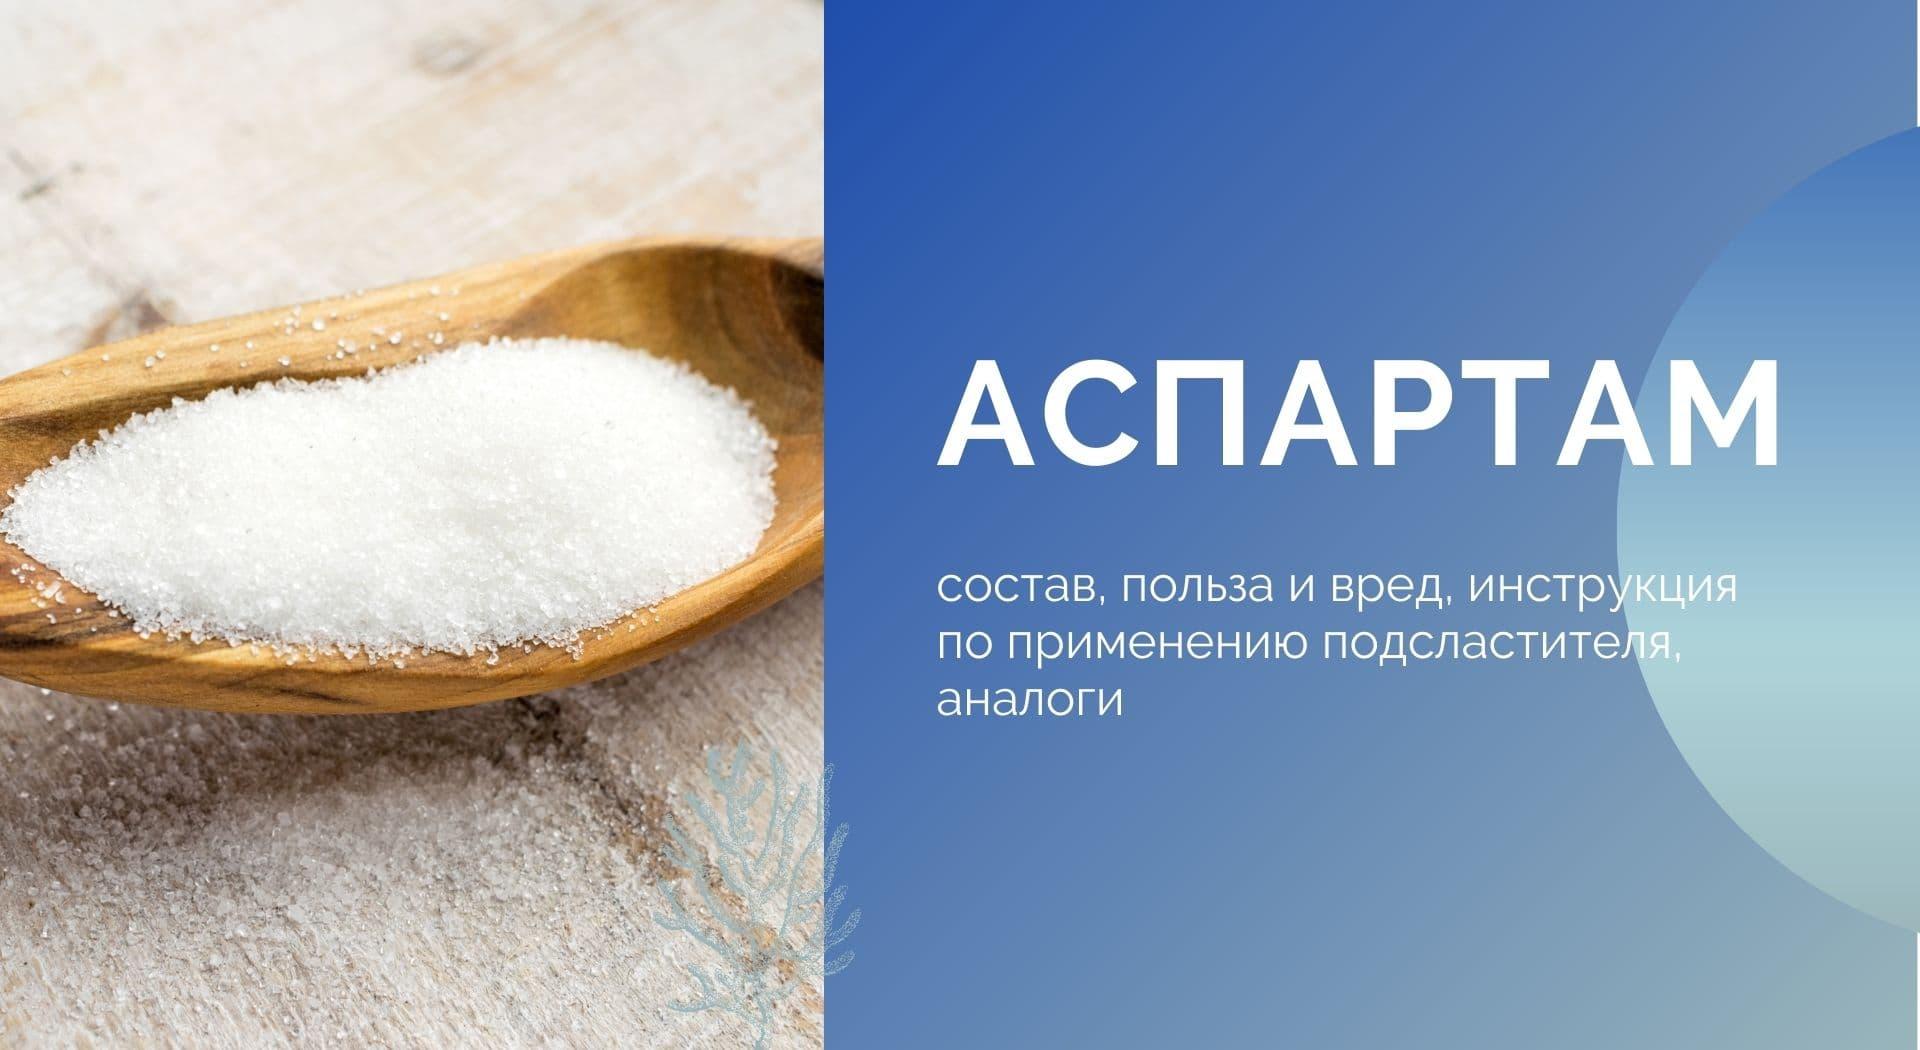 Аспартам: состав, польза и вред, инструкция по применению подсластителя, аналоги